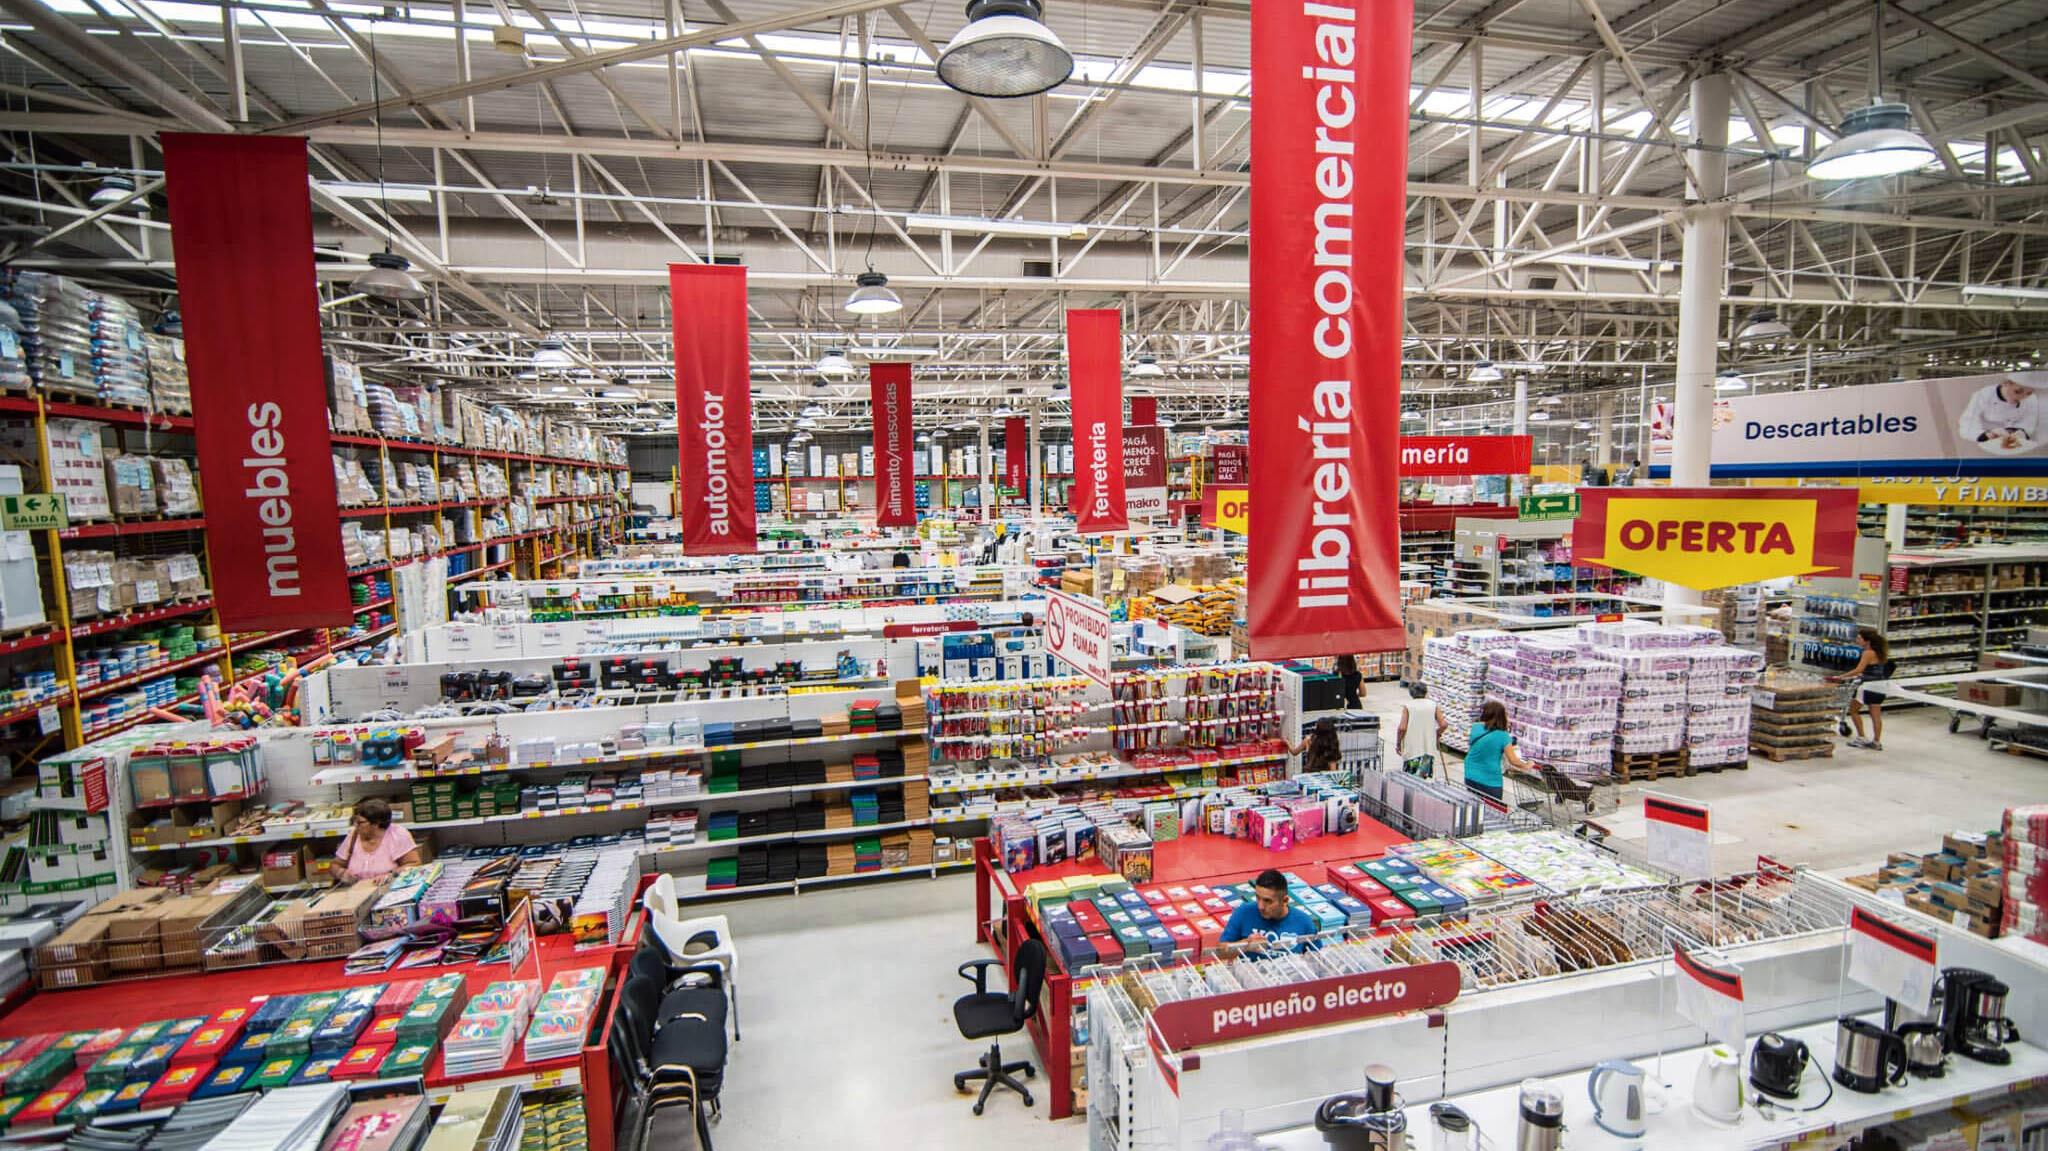 Falabella e Inretail crecerán este 2021 gracias a food retail y nuevas aperturas